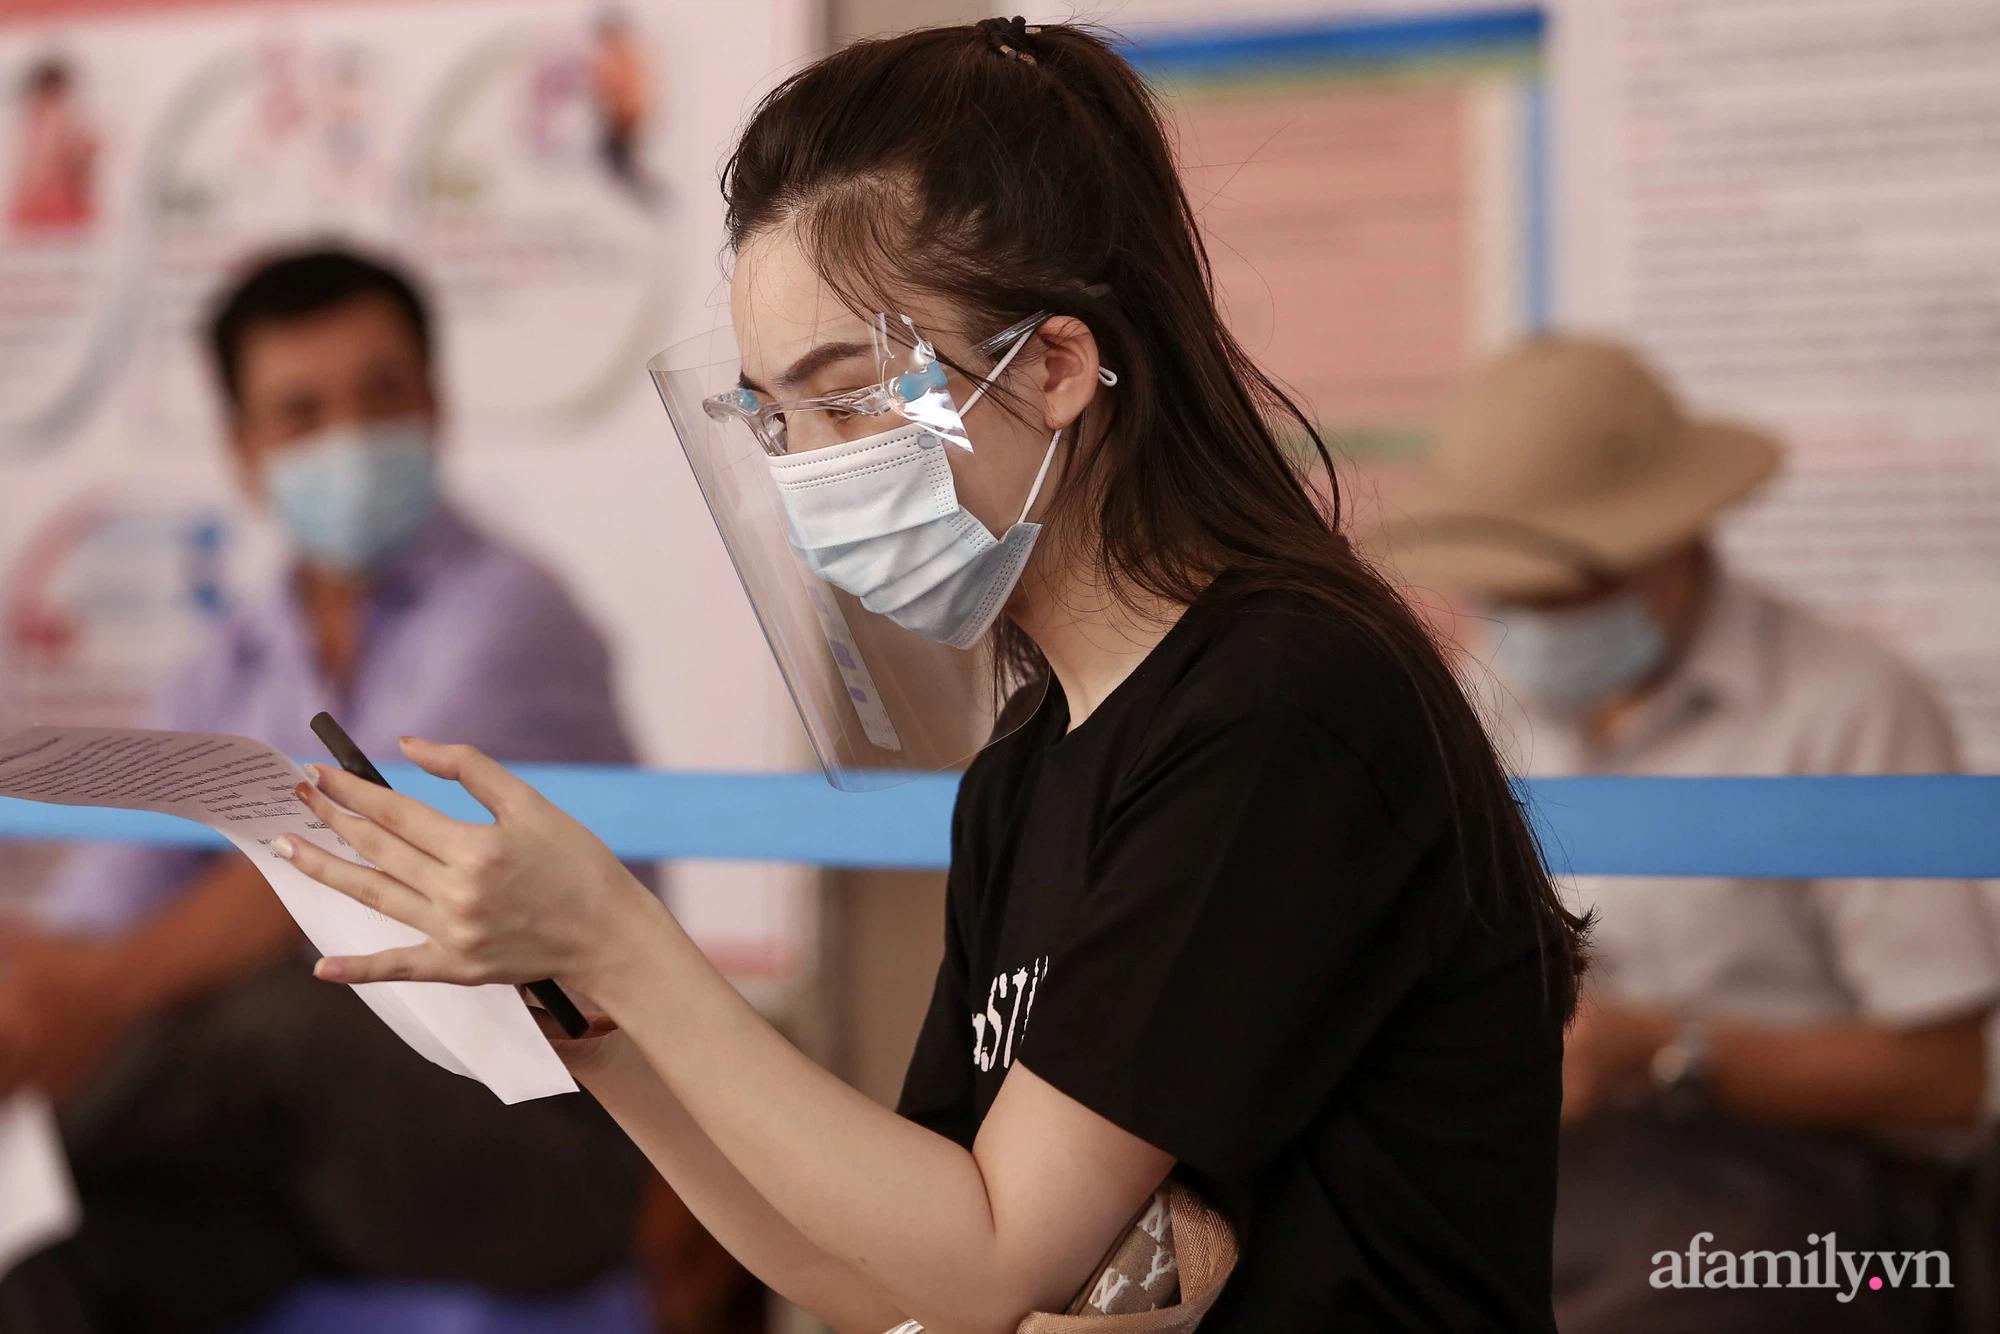 Ngày đầu tiên người dân Hà Nội bắt đầu được tiêm vaccine phòng dịch COVID-19 quy mô lớn nhất lịch sử - Ảnh 6.